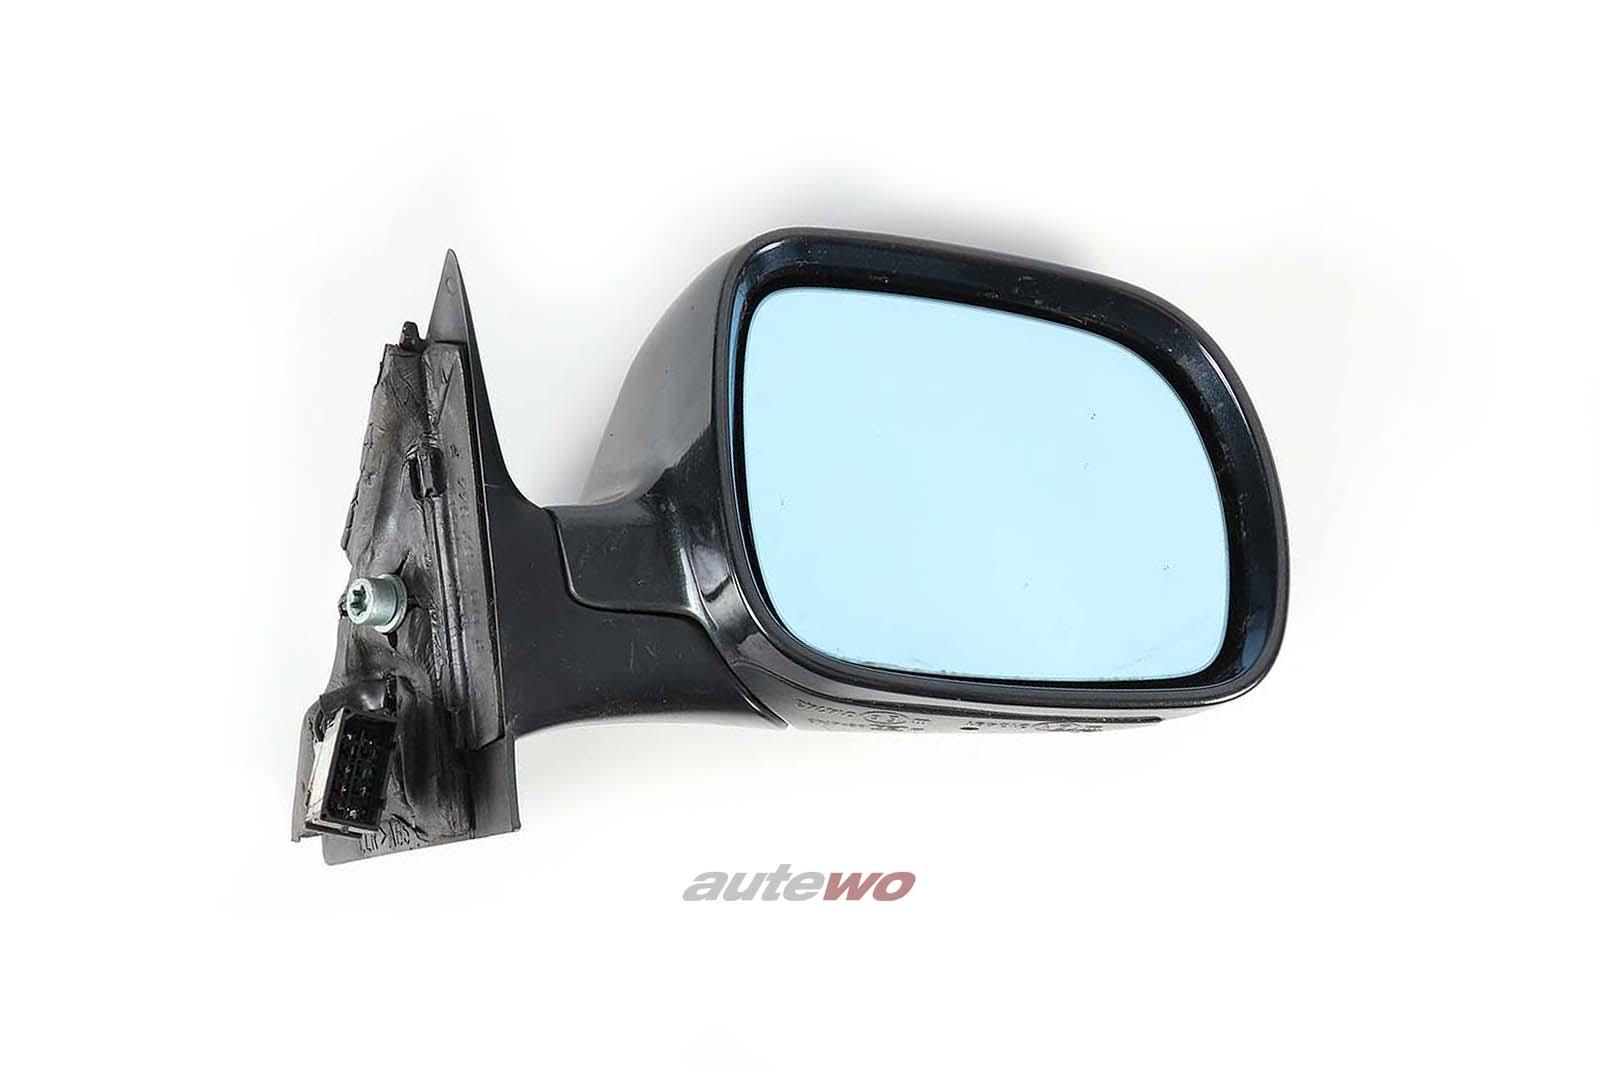 8D1858532C Audi A4/S4 B5 elektr. Außenspiegel Rechts schwarz